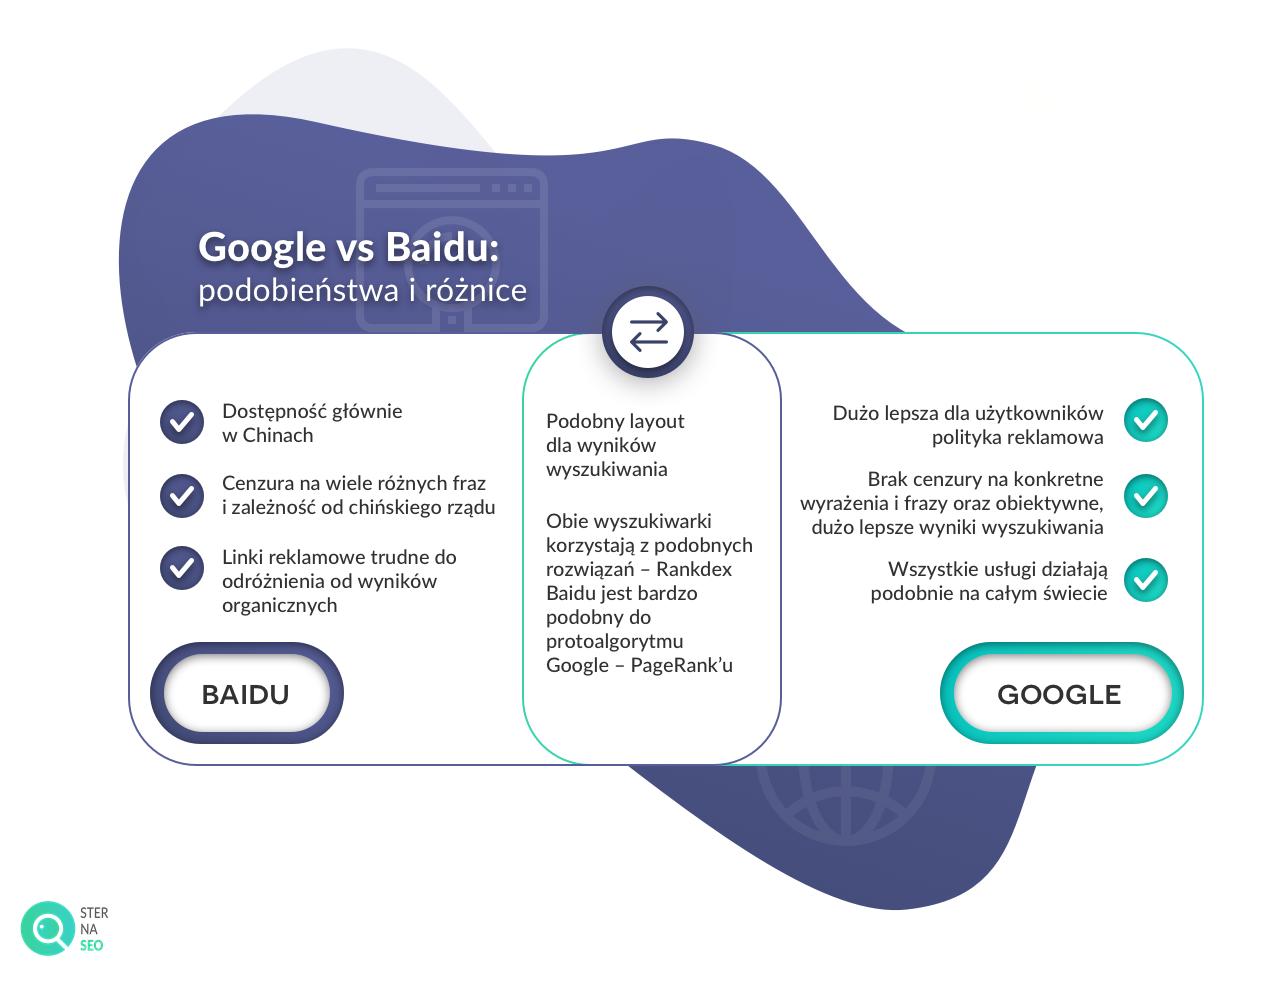 Google vs Baidu podobieństwa i różnice